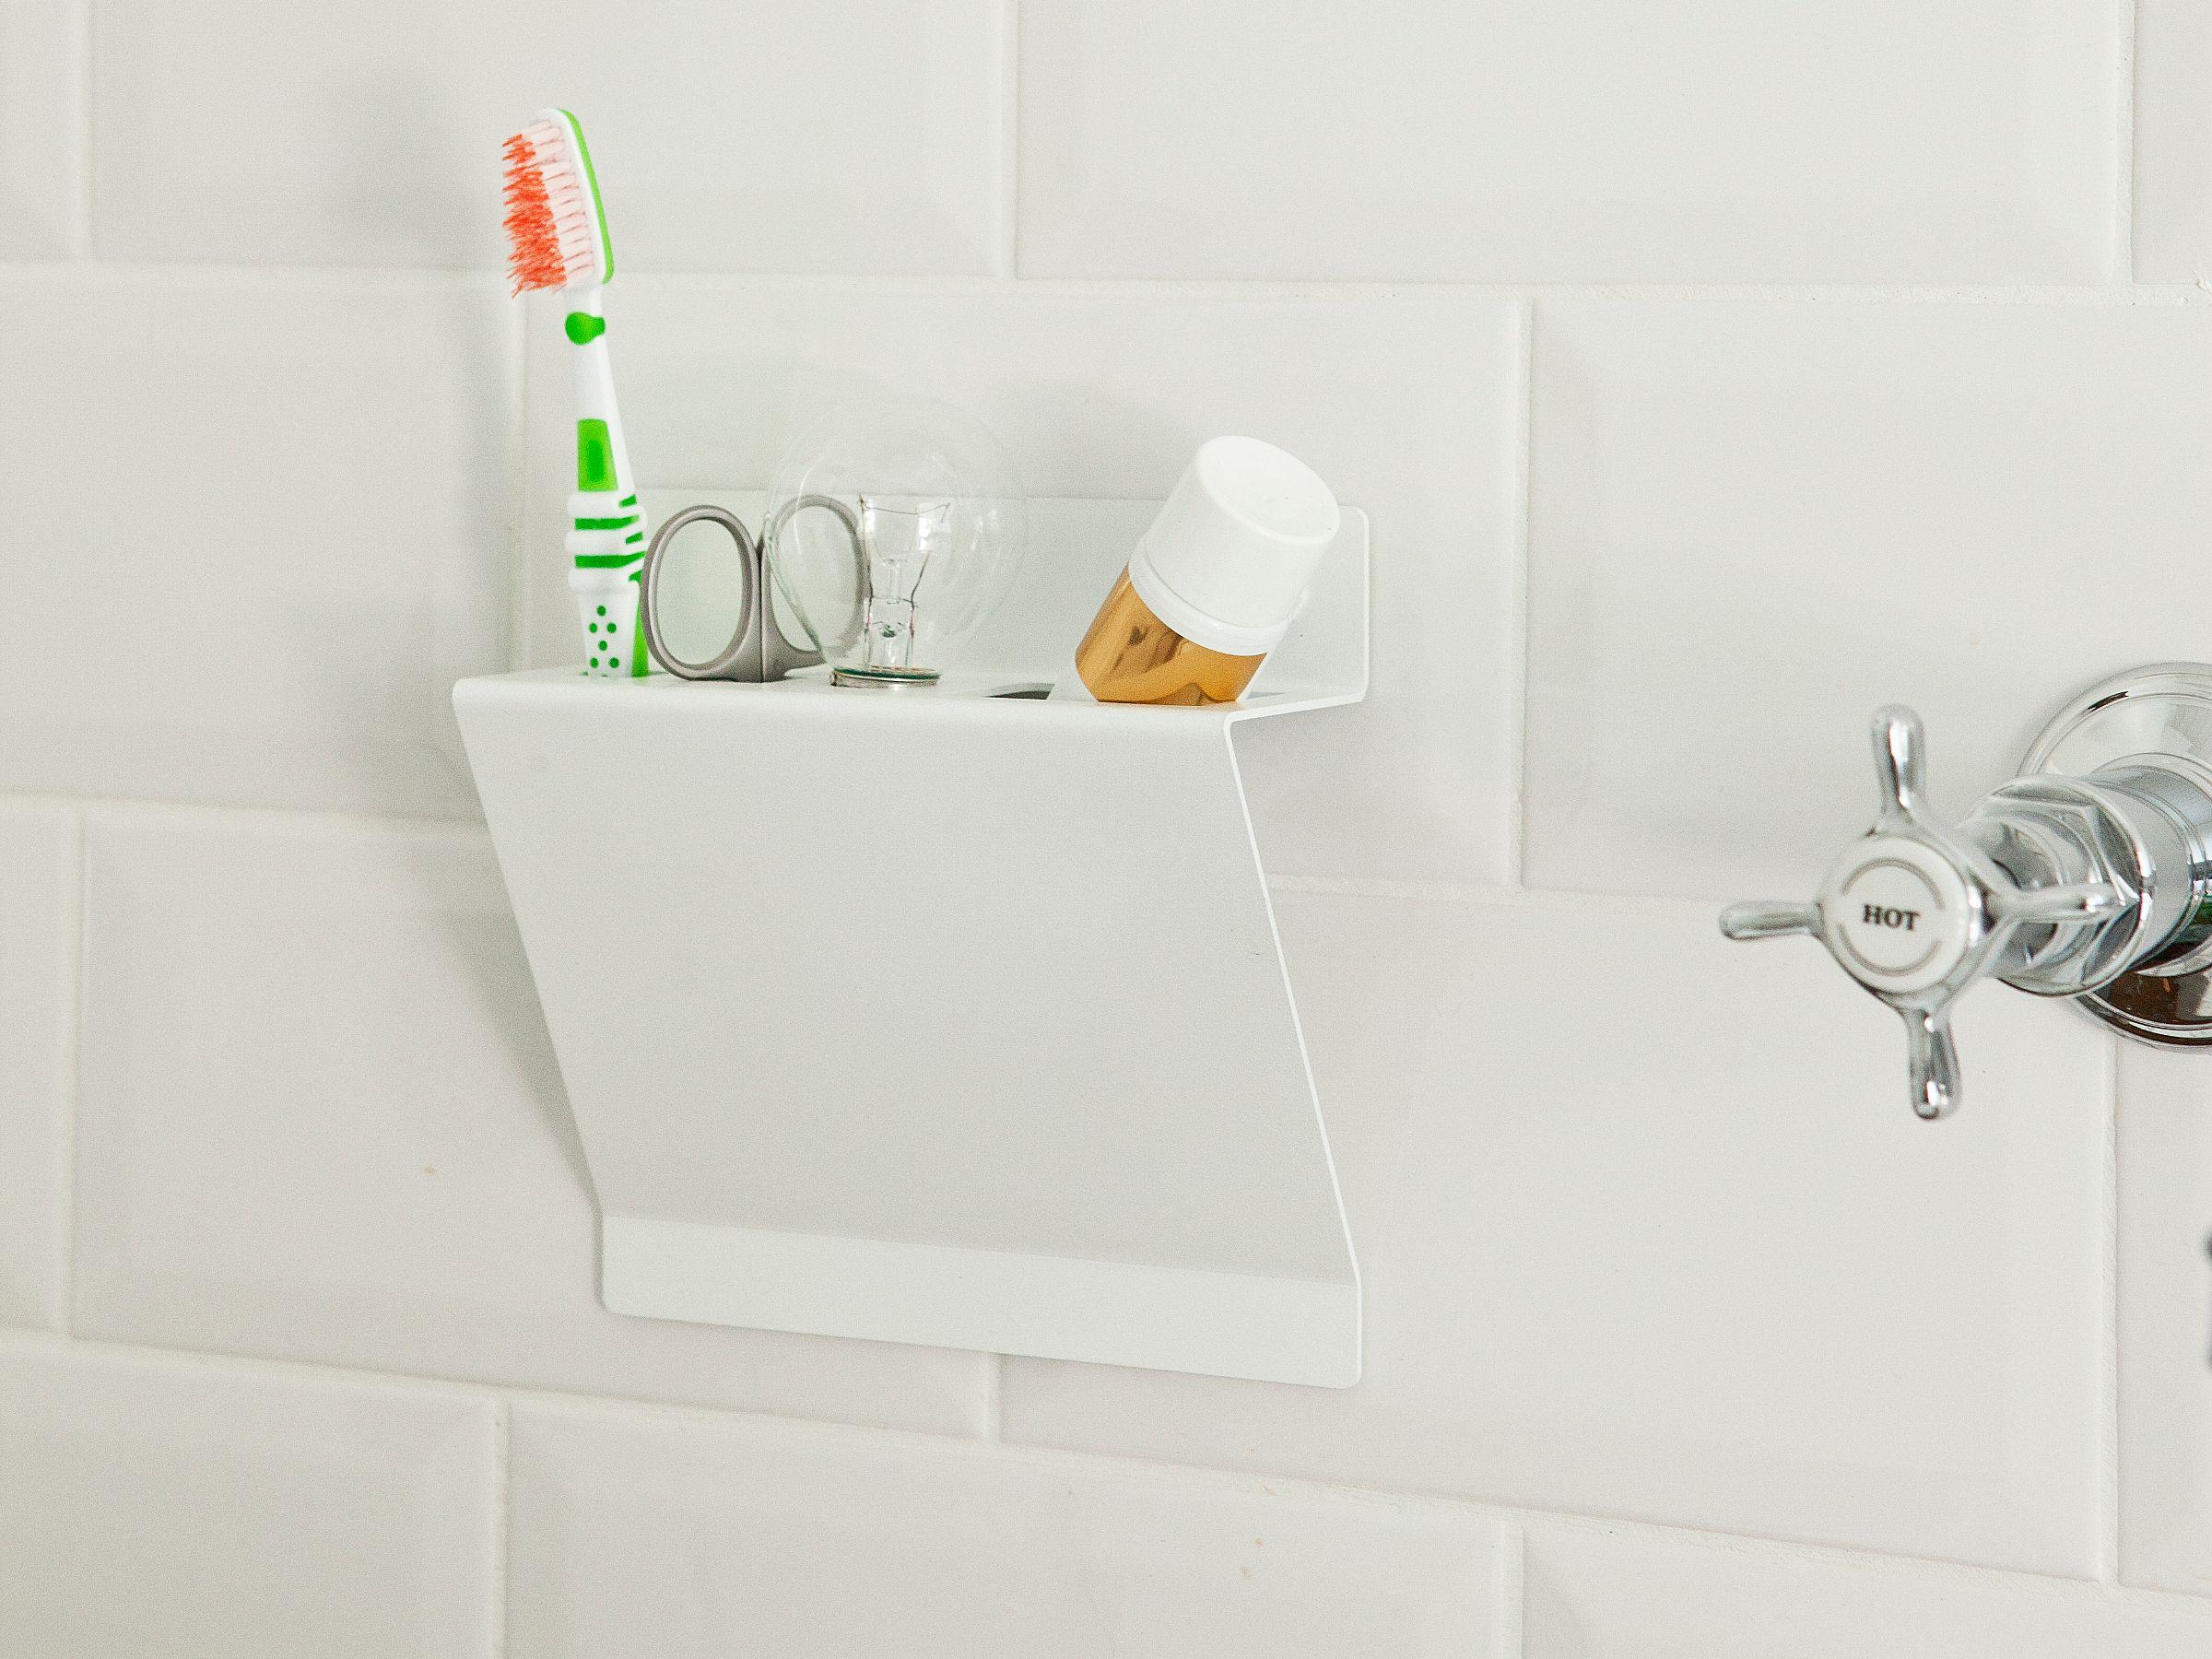 tag re murale pour salle de bain en acier line up by pulpo ursula l 39 hoste design julian appelius. Black Bedroom Furniture Sets. Home Design Ideas